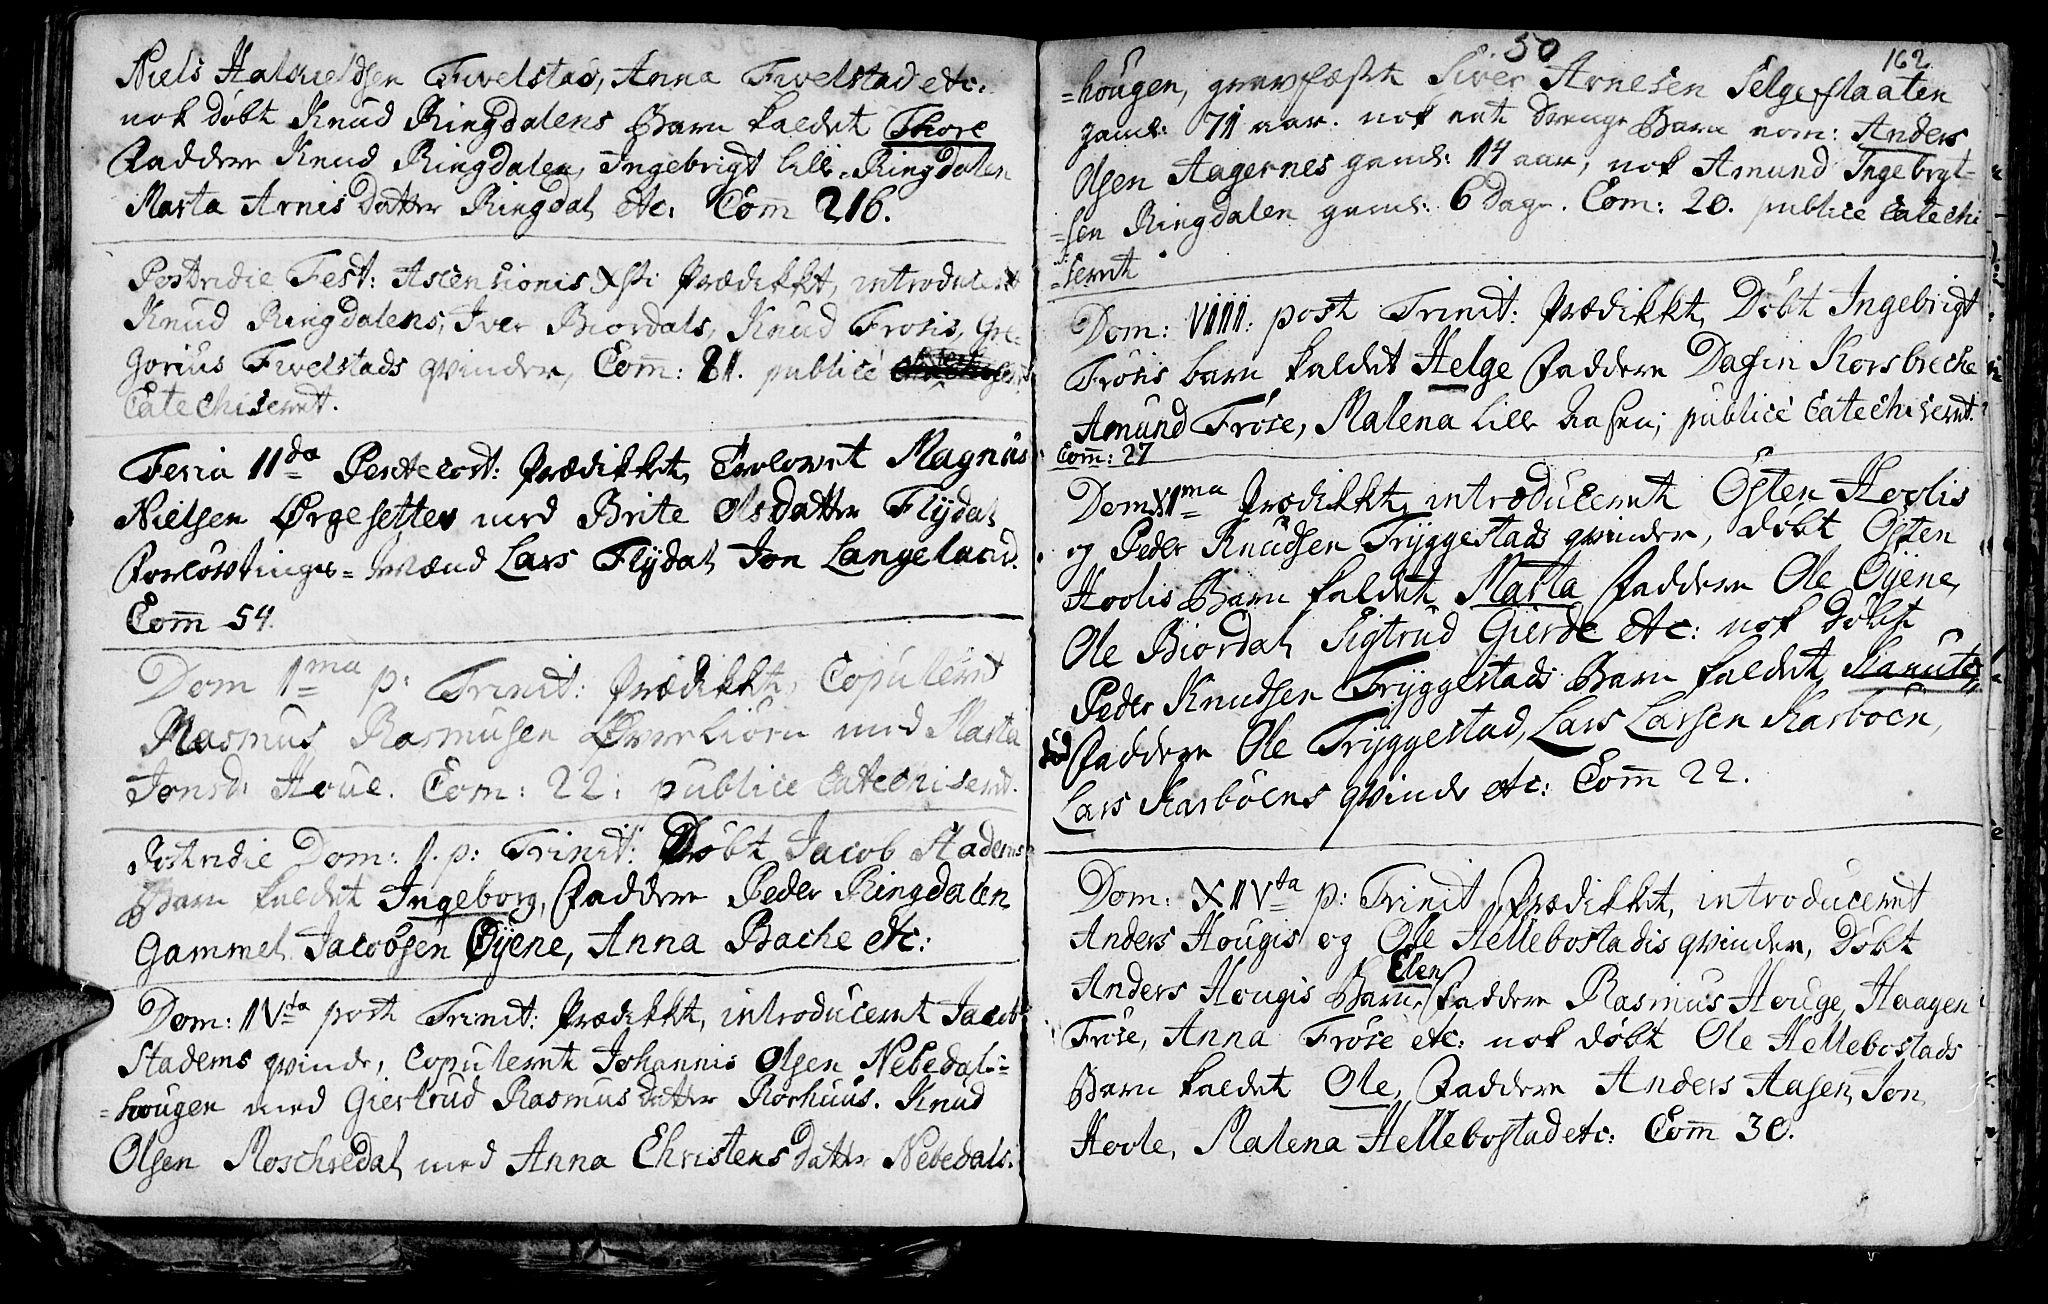 SAT, Ministerialprotokoller, klokkerbøker og fødselsregistre - Møre og Romsdal, 519/L0241: Ministerialbok nr. 519A01 /2, 1736-1760, s. 162